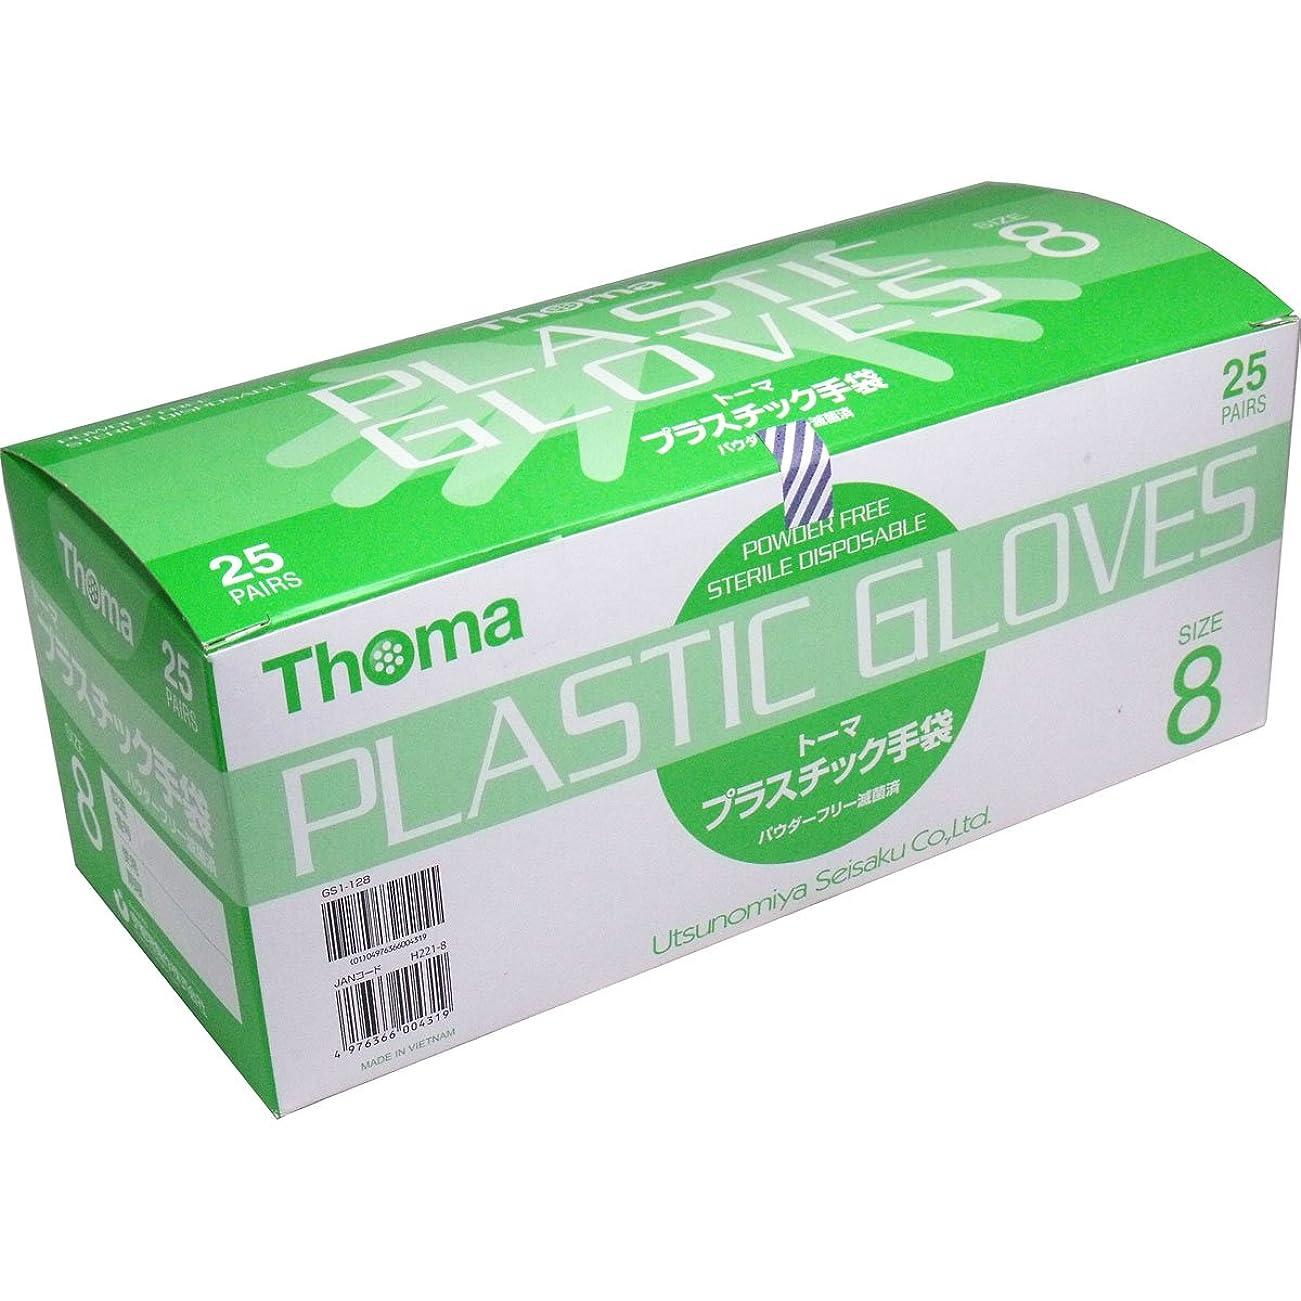 サービス定義する従順なポリ塩化ビニル製 手袋 1双毎に滅菌包装、衛生的 人気商品 トーマ プラスチック手袋 パウダーフリー滅菌済 25双入 サイズ8